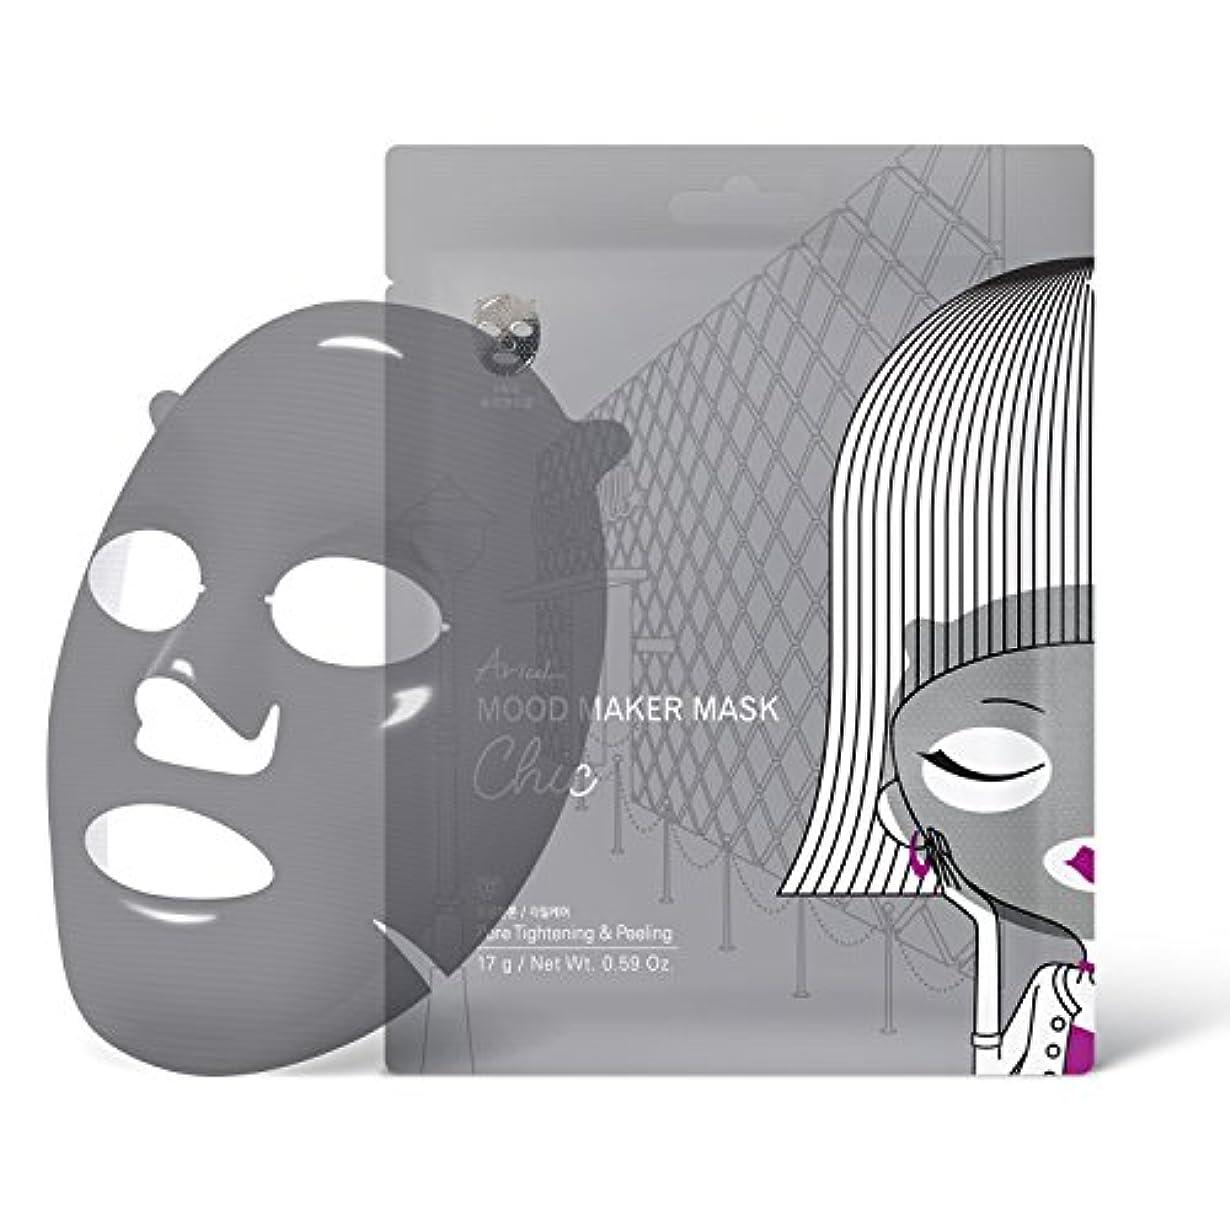 観光髄感動するアリウル ムードメーカーマスク シック 1枚入り